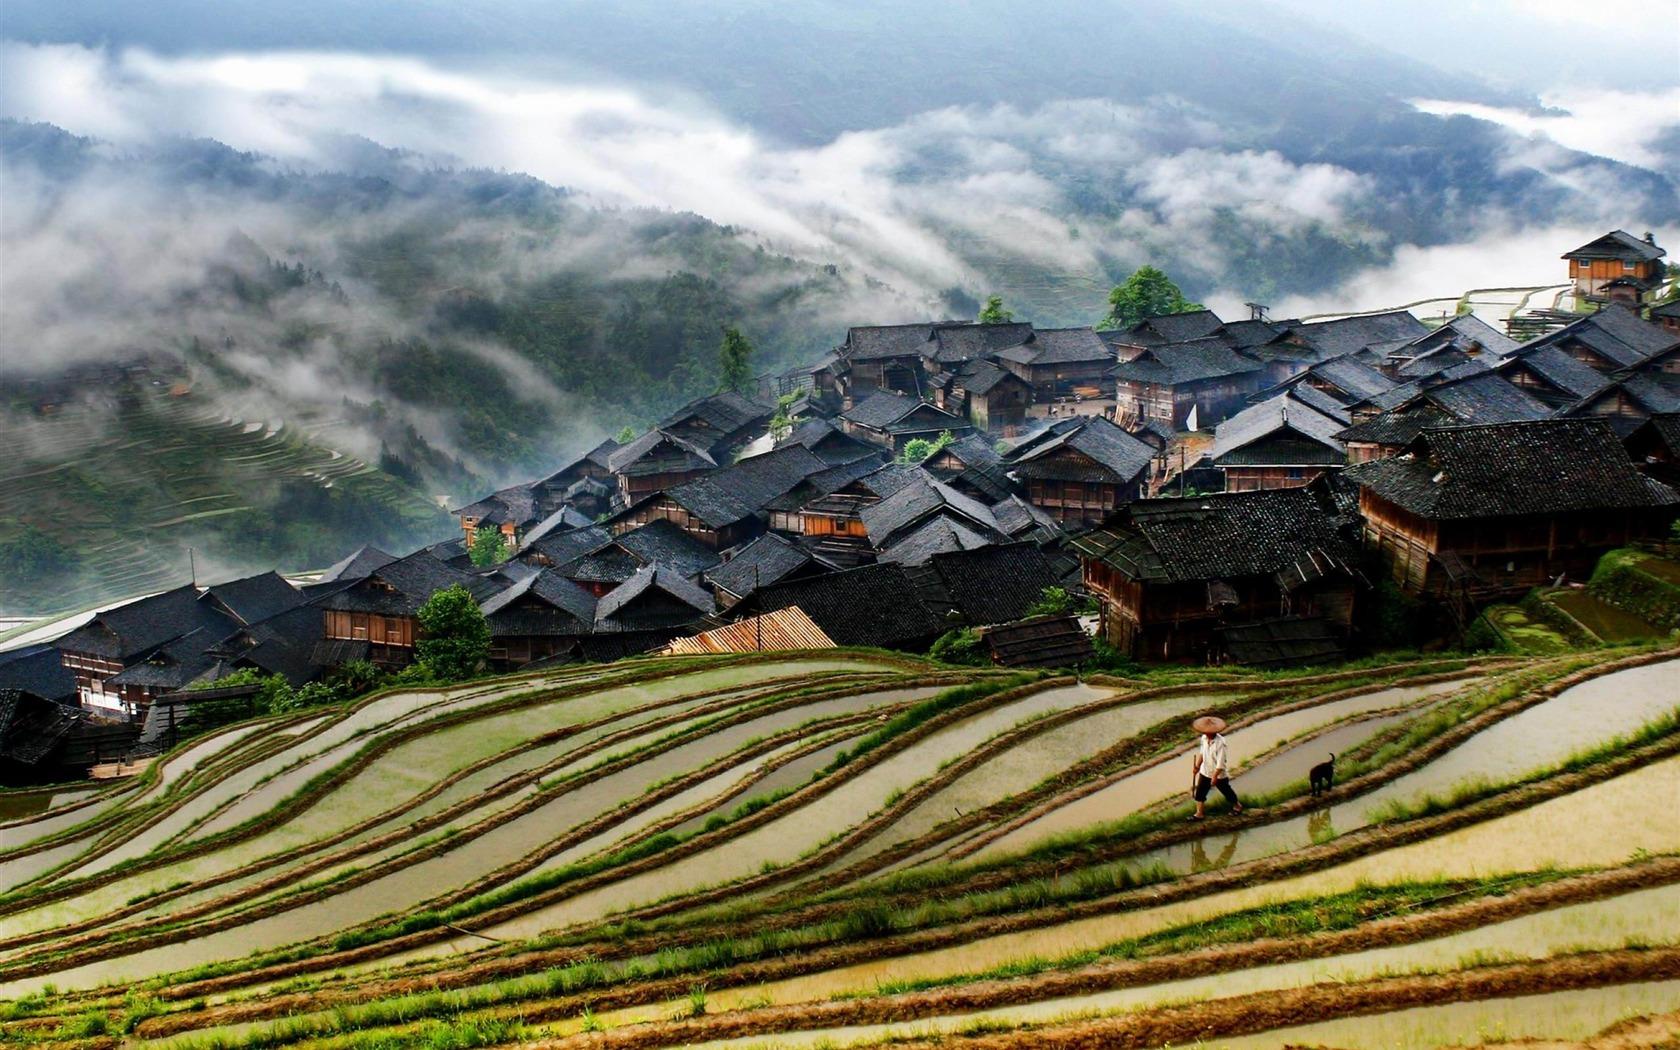 Xijiang Miao Village Guizhou china-Nature rivers Landscape Wallpaper ...: www.10wallpaper.com/down/Xijiang_Miao_Village_Guizhou_china-Nature...